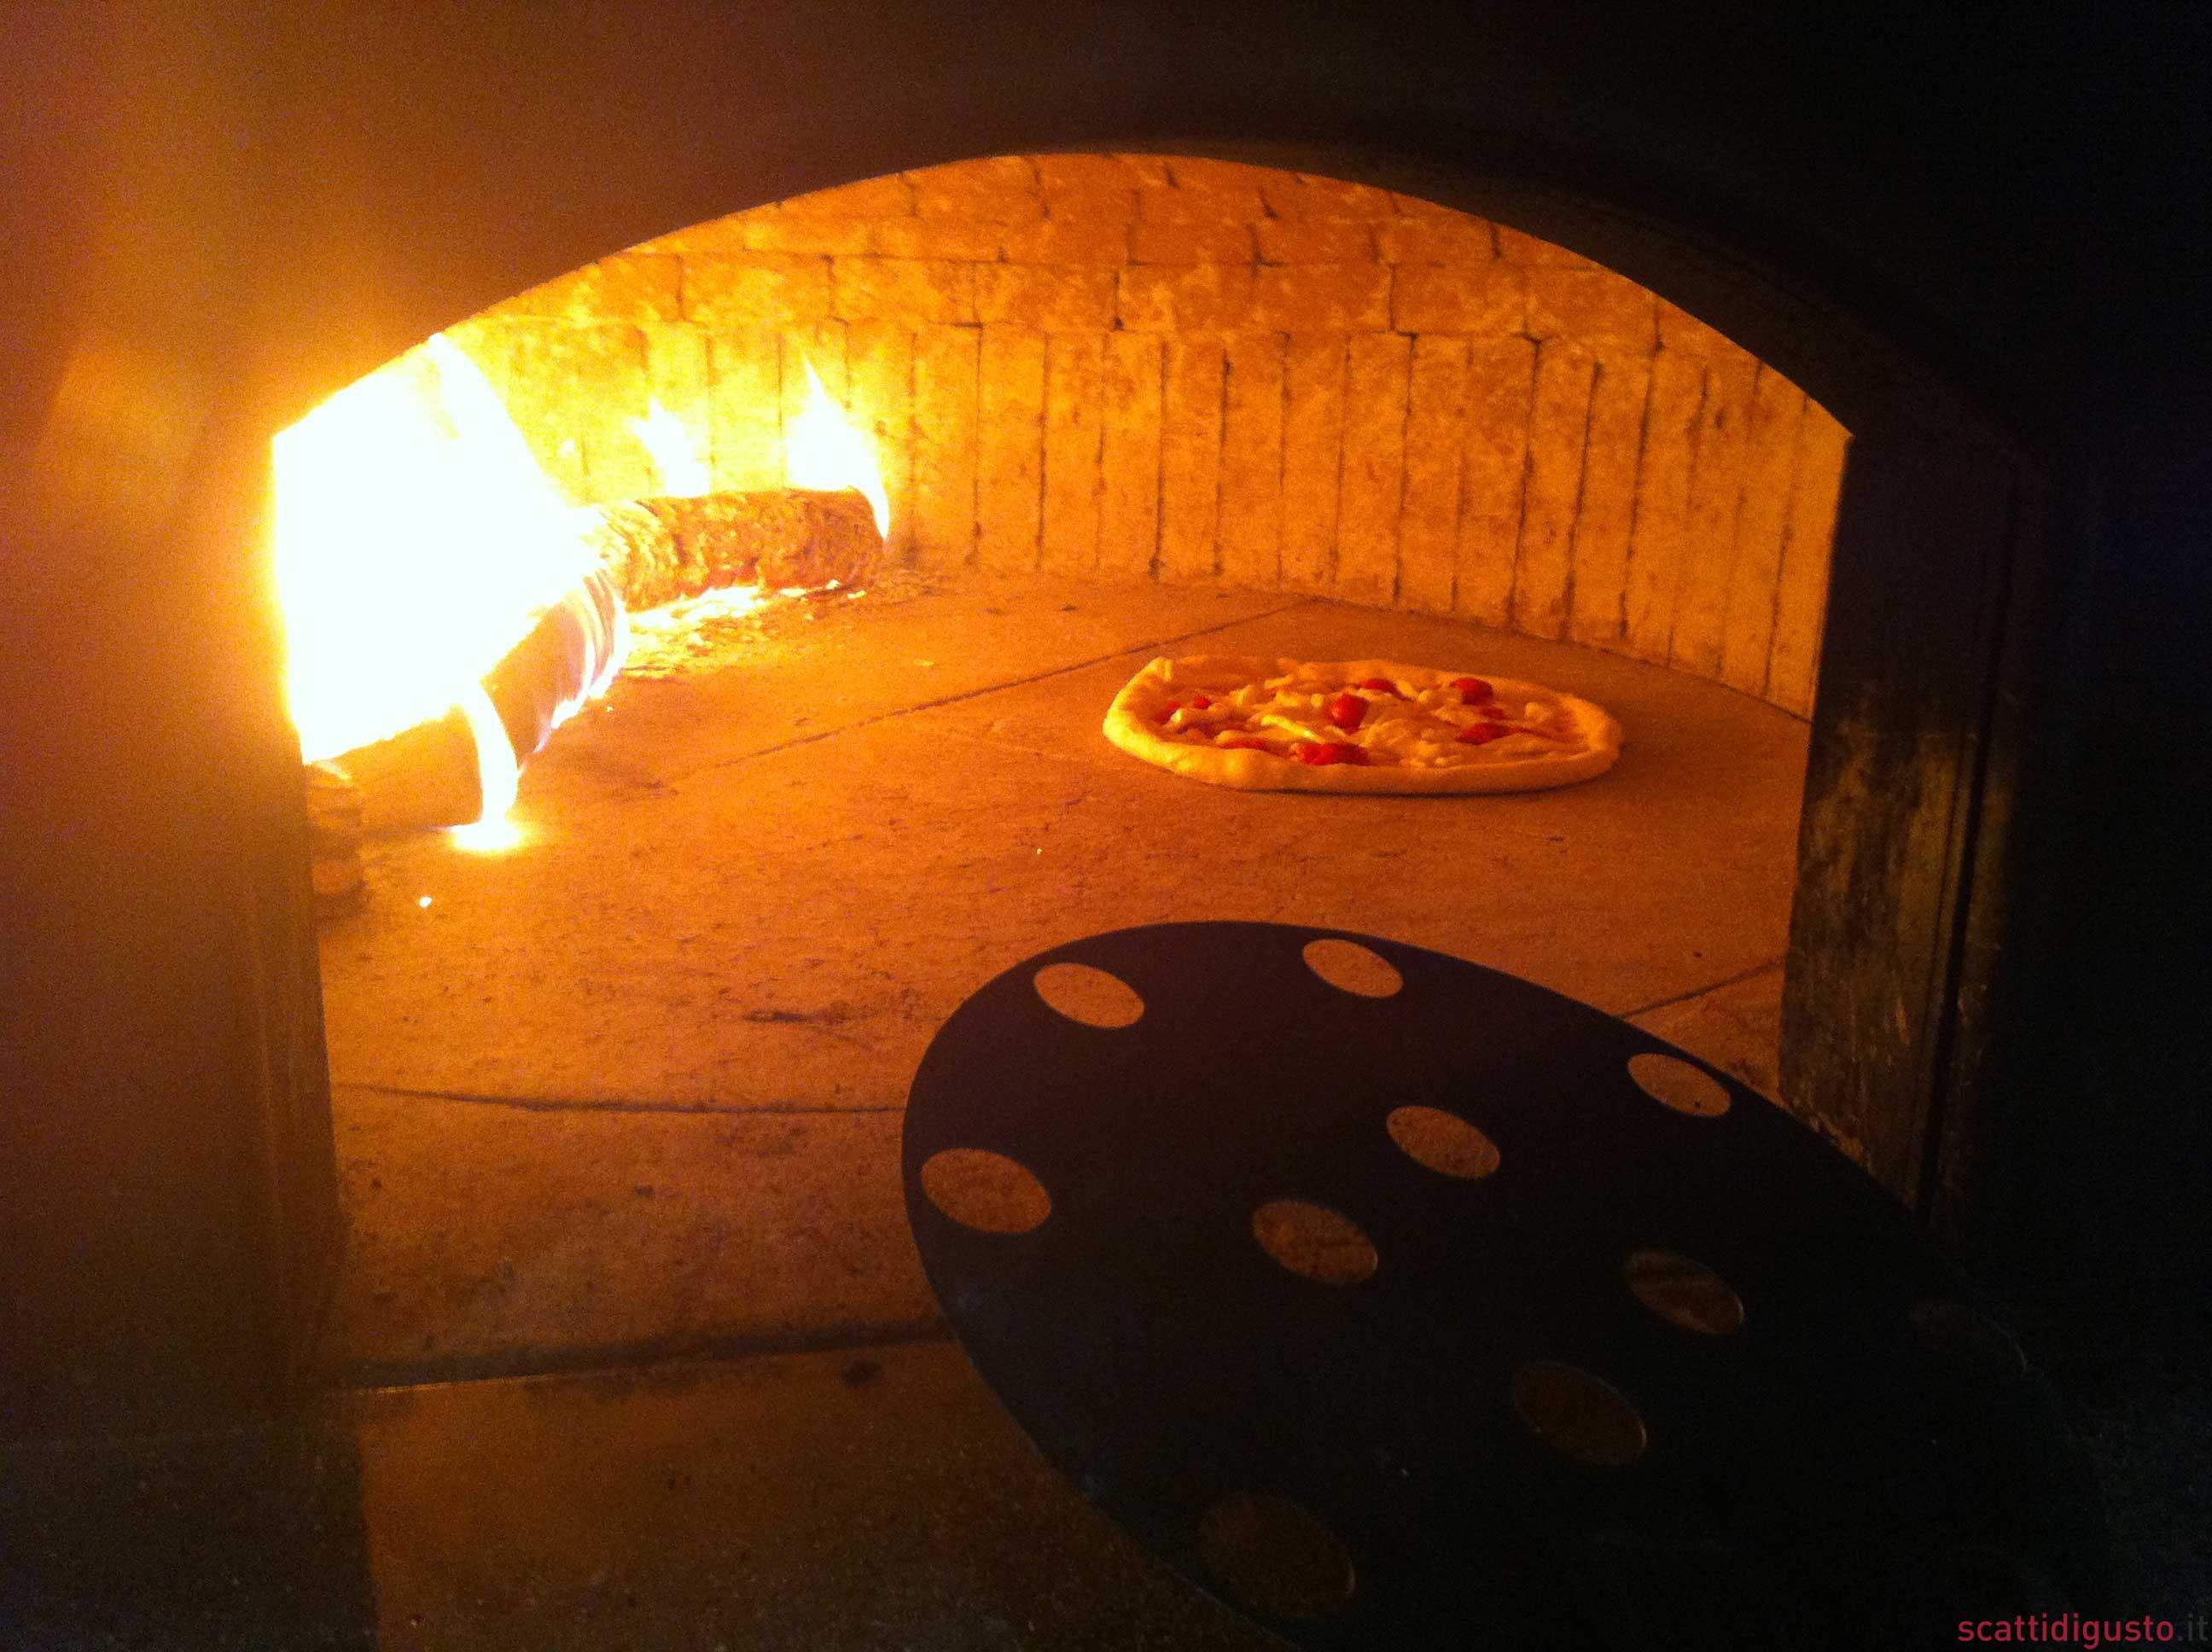 Gino sorbillo ritorna subito a sfornare pizze da gennaro - Forno pizza da gennaro ...